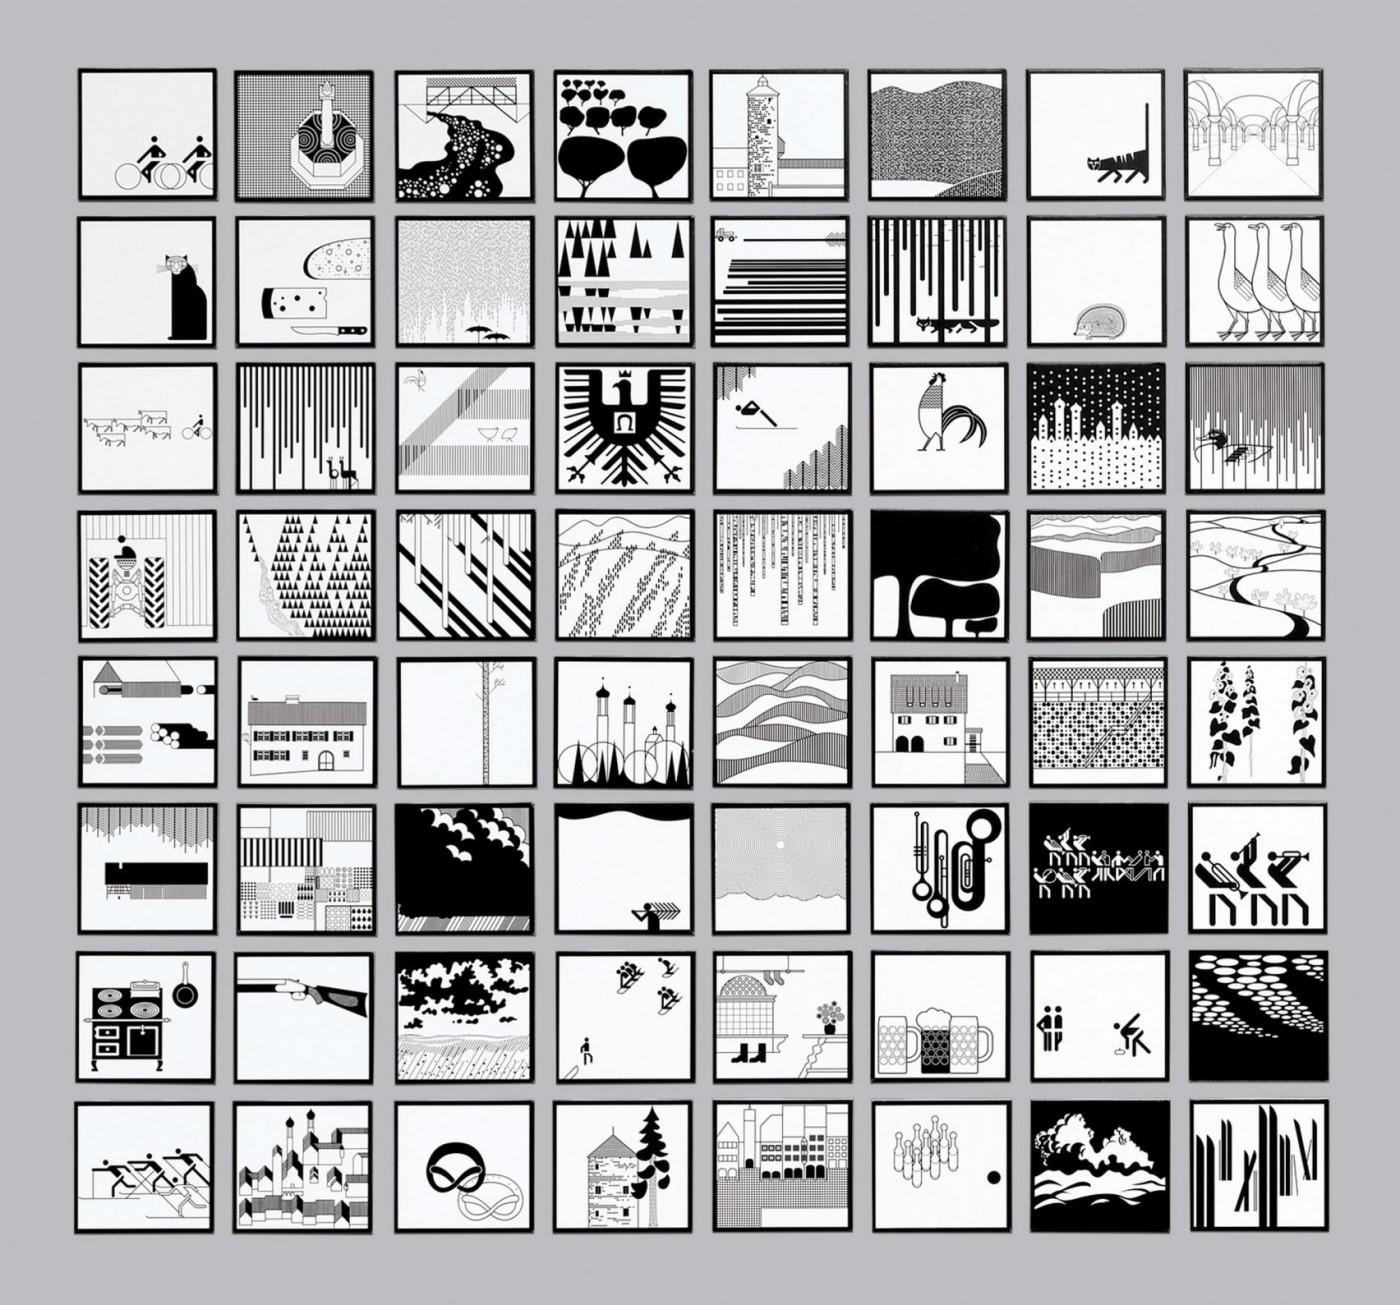 小鎮風光也可以用黑白主色做宣傳?設計師敢於堅持,最終讓居民也愛上這套視覺設計